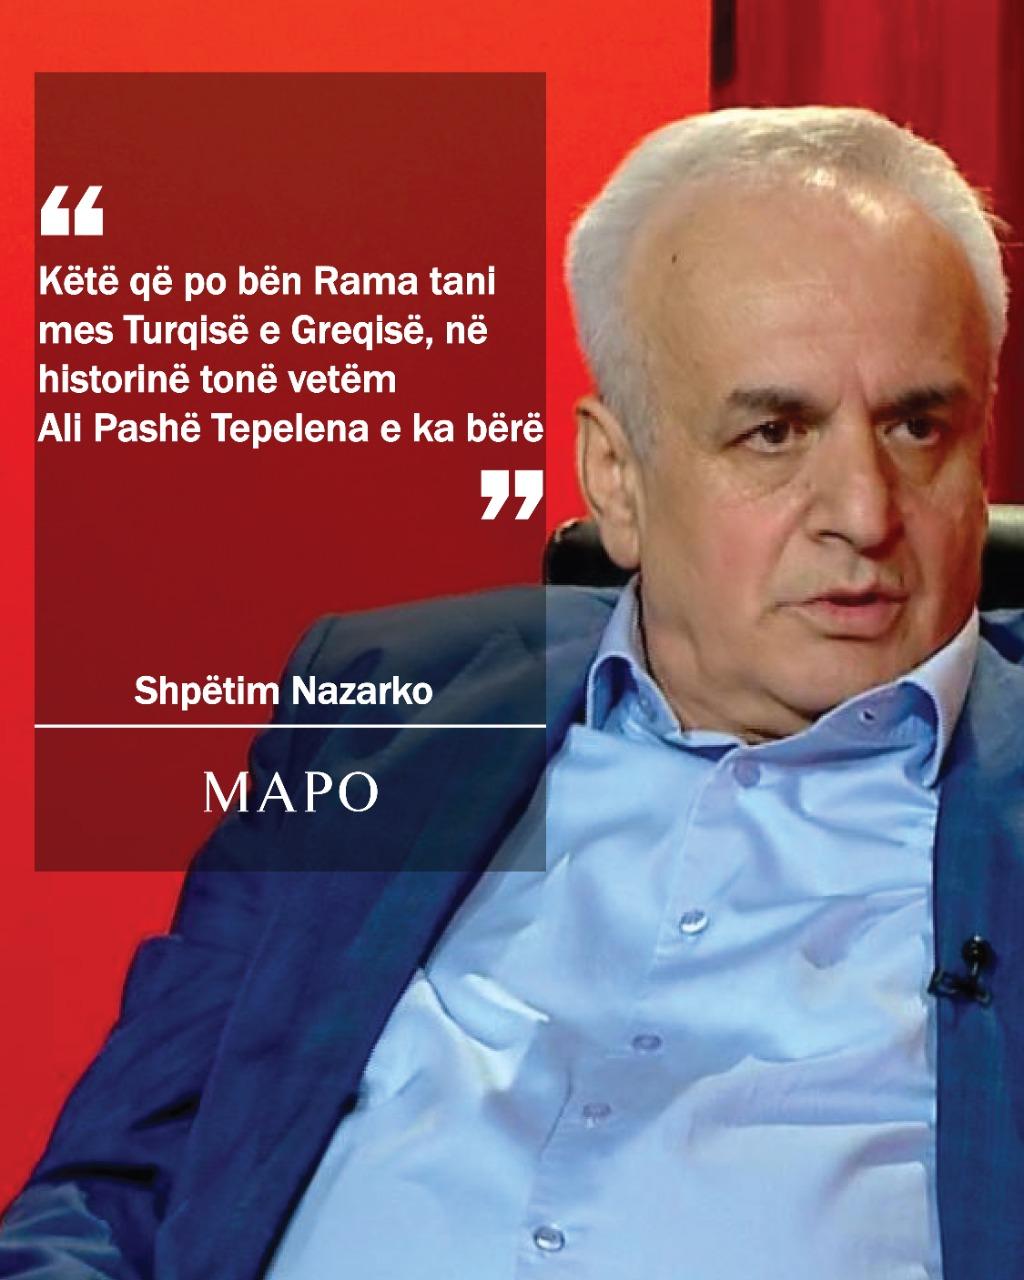 Nazarko: Këtë që po bën Rama, mes Turqisë e Greqisë, vetëm Ali Pasha e ka bërë